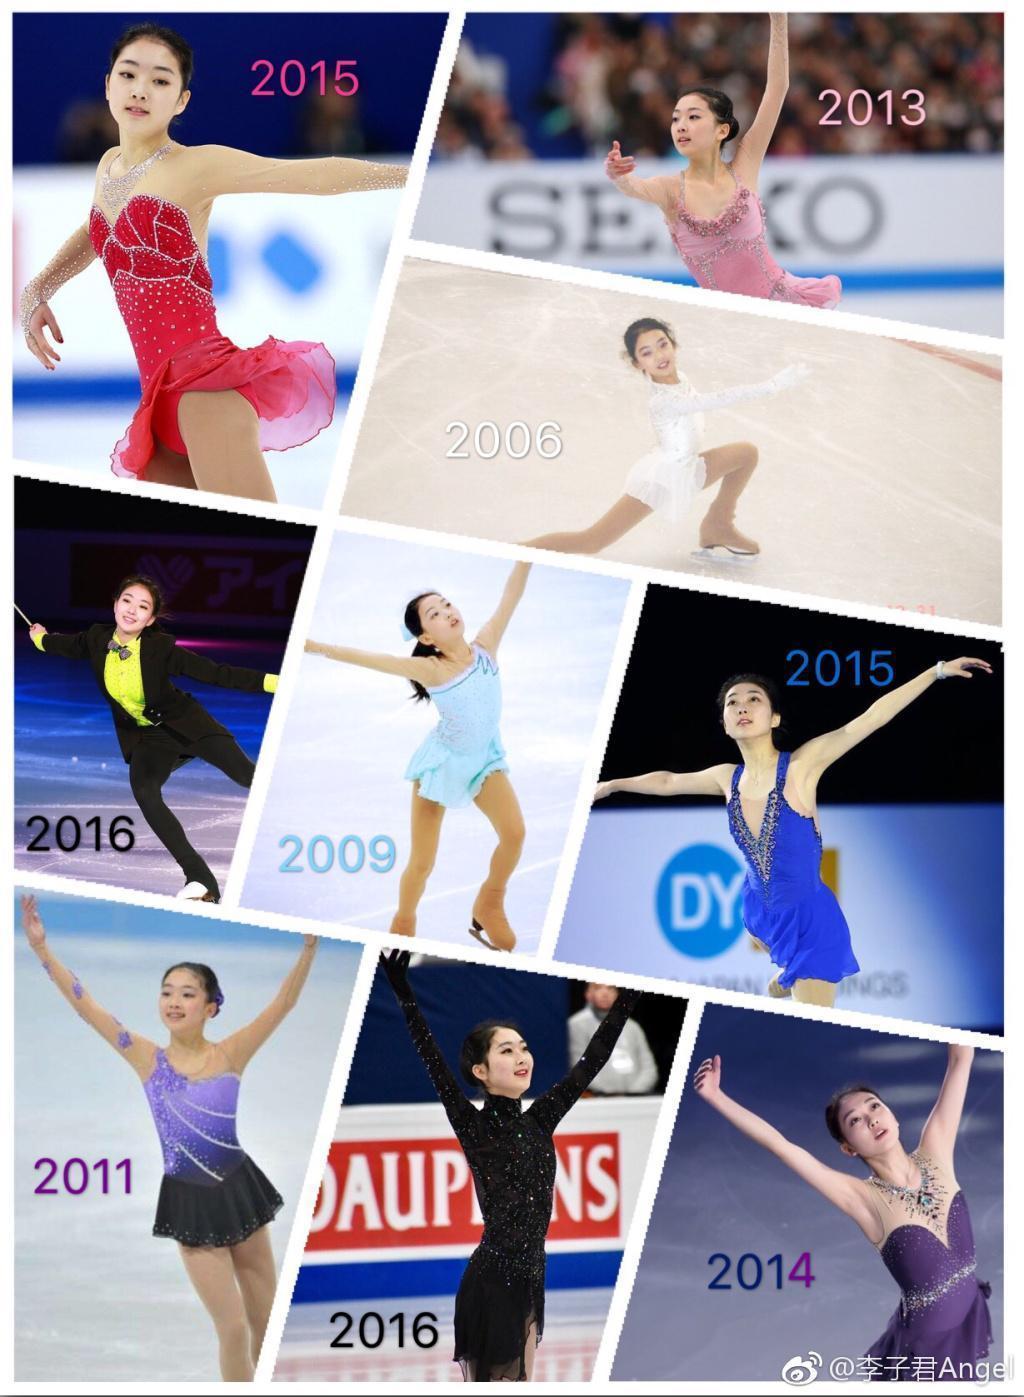 遗憾!中国体育又一个叶诗文式的悲剧,发育阻挡了她的奥运梦